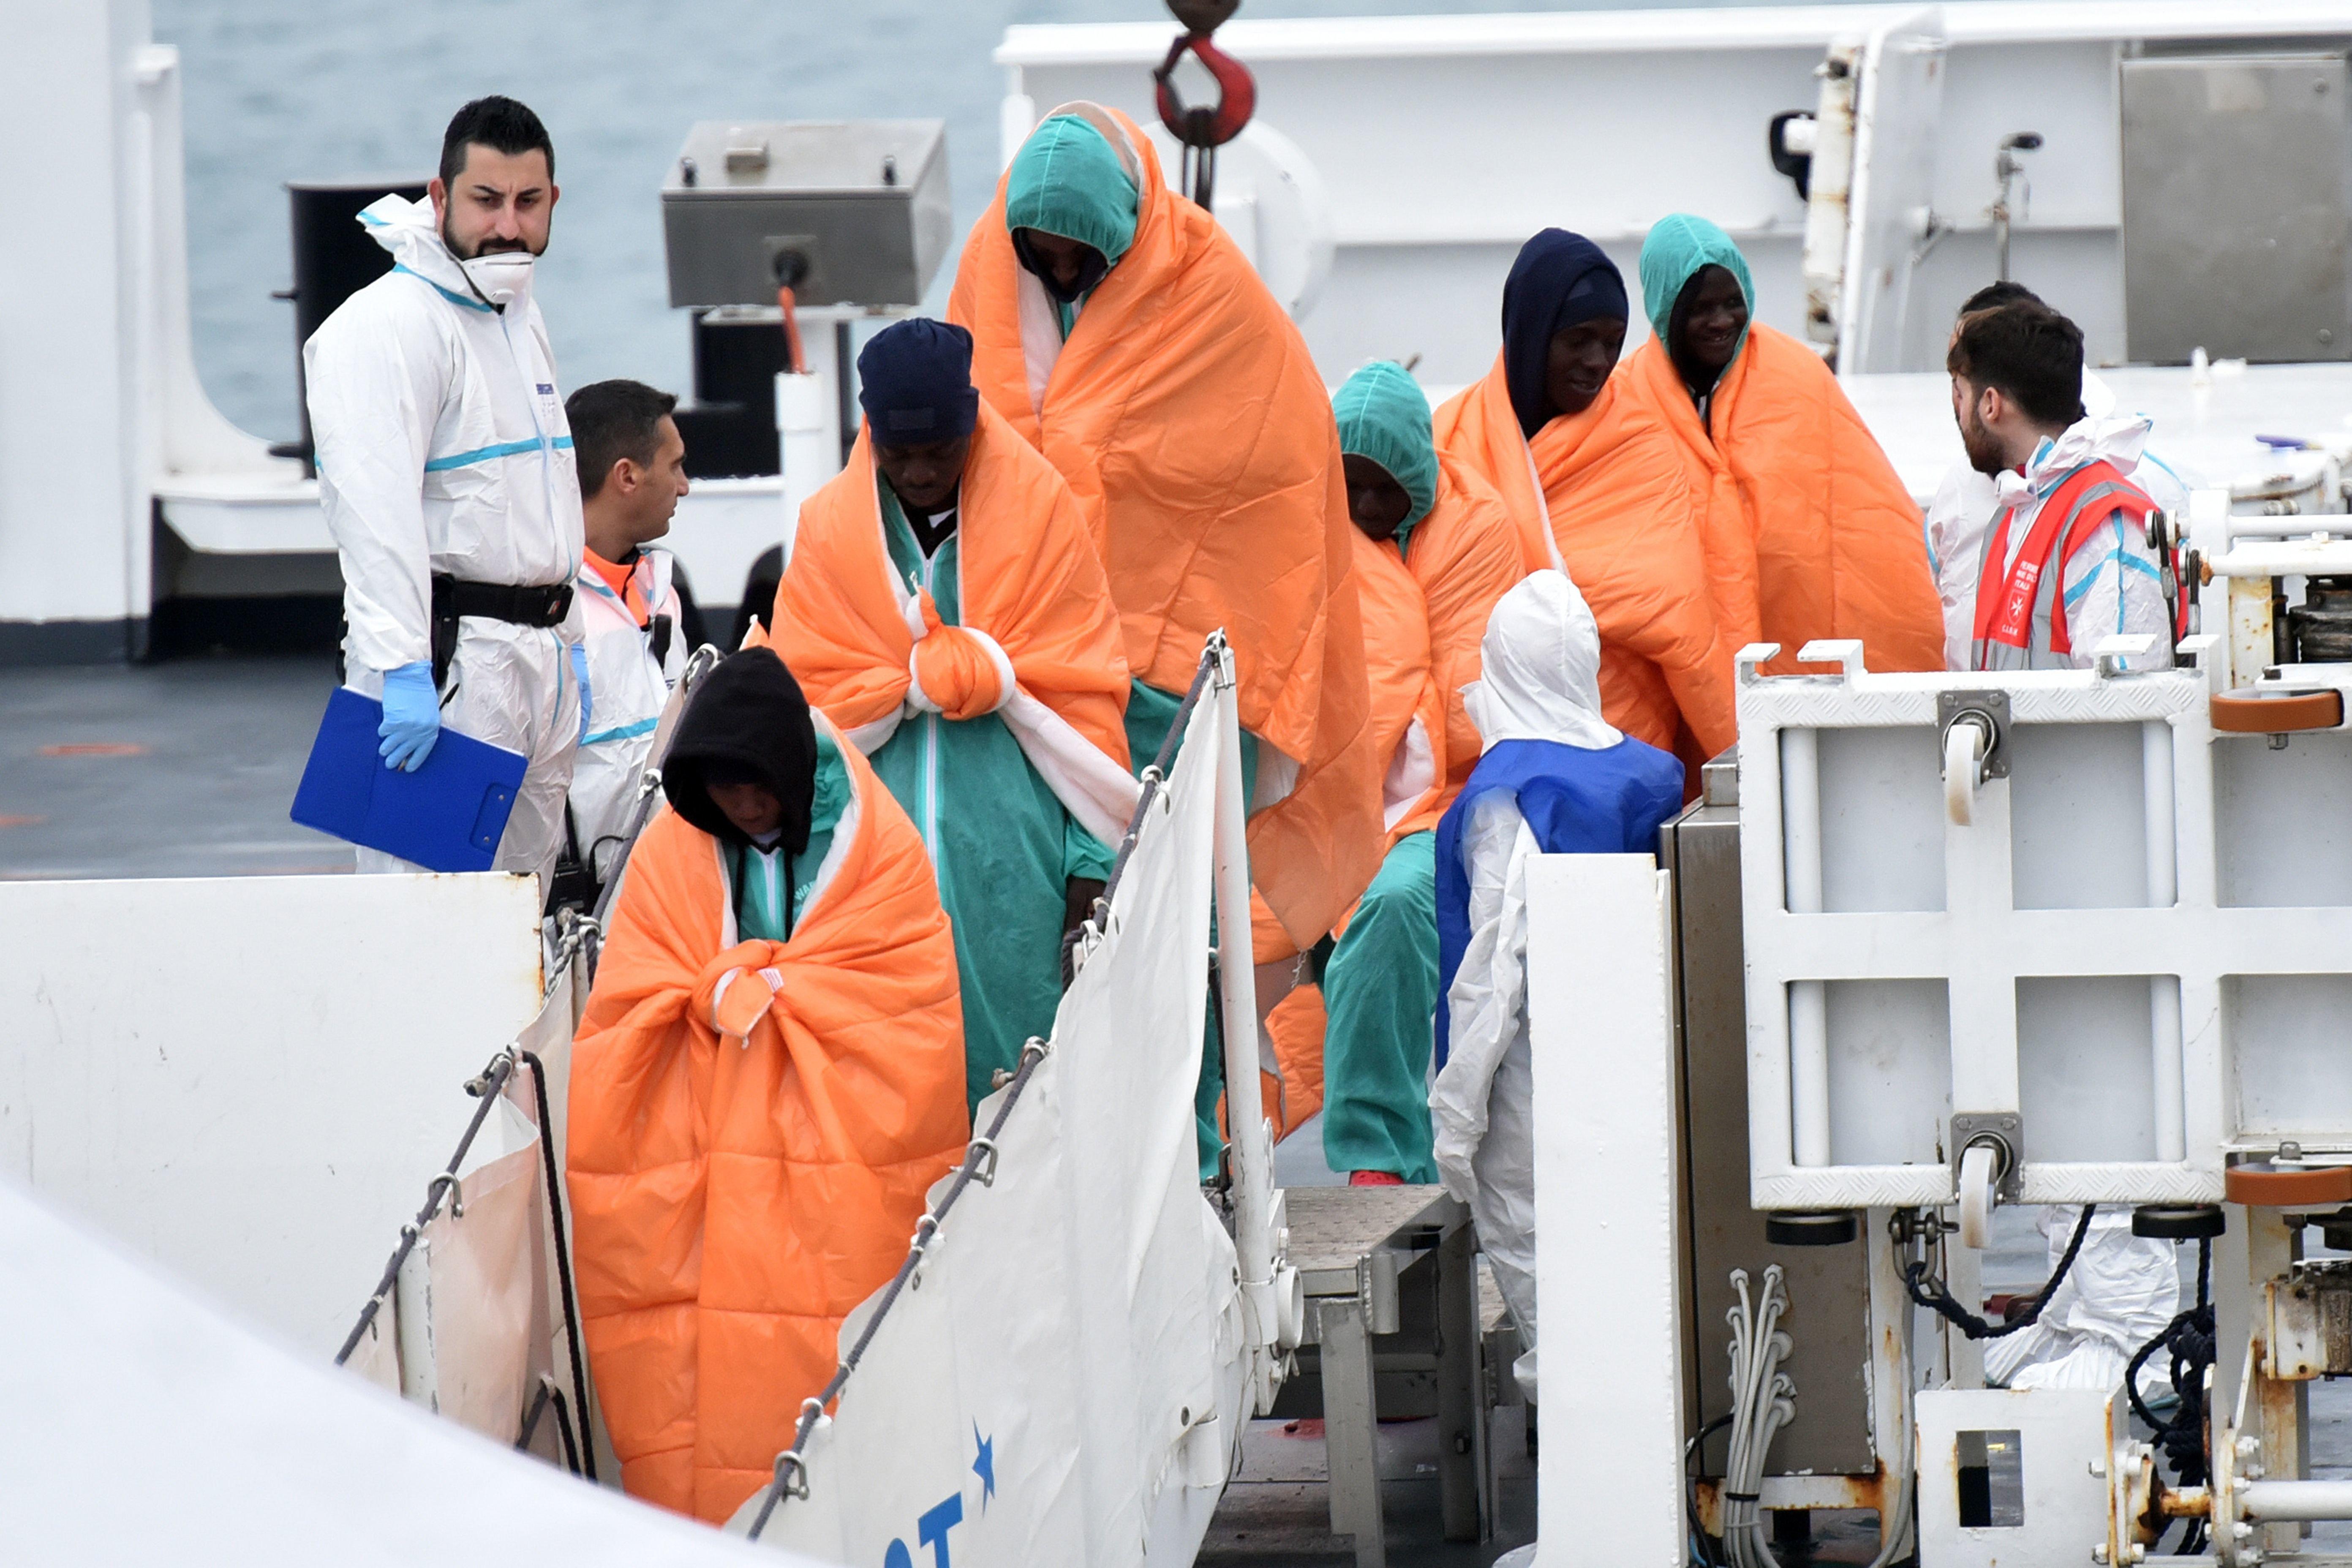 Σχεδόν 9.000 μετανάστες από χώρες της Αφρικής και της Ασίας, επαναπατρίστηκαν το πρώτο 6μηνο του 2018, σύμφωνα με τον